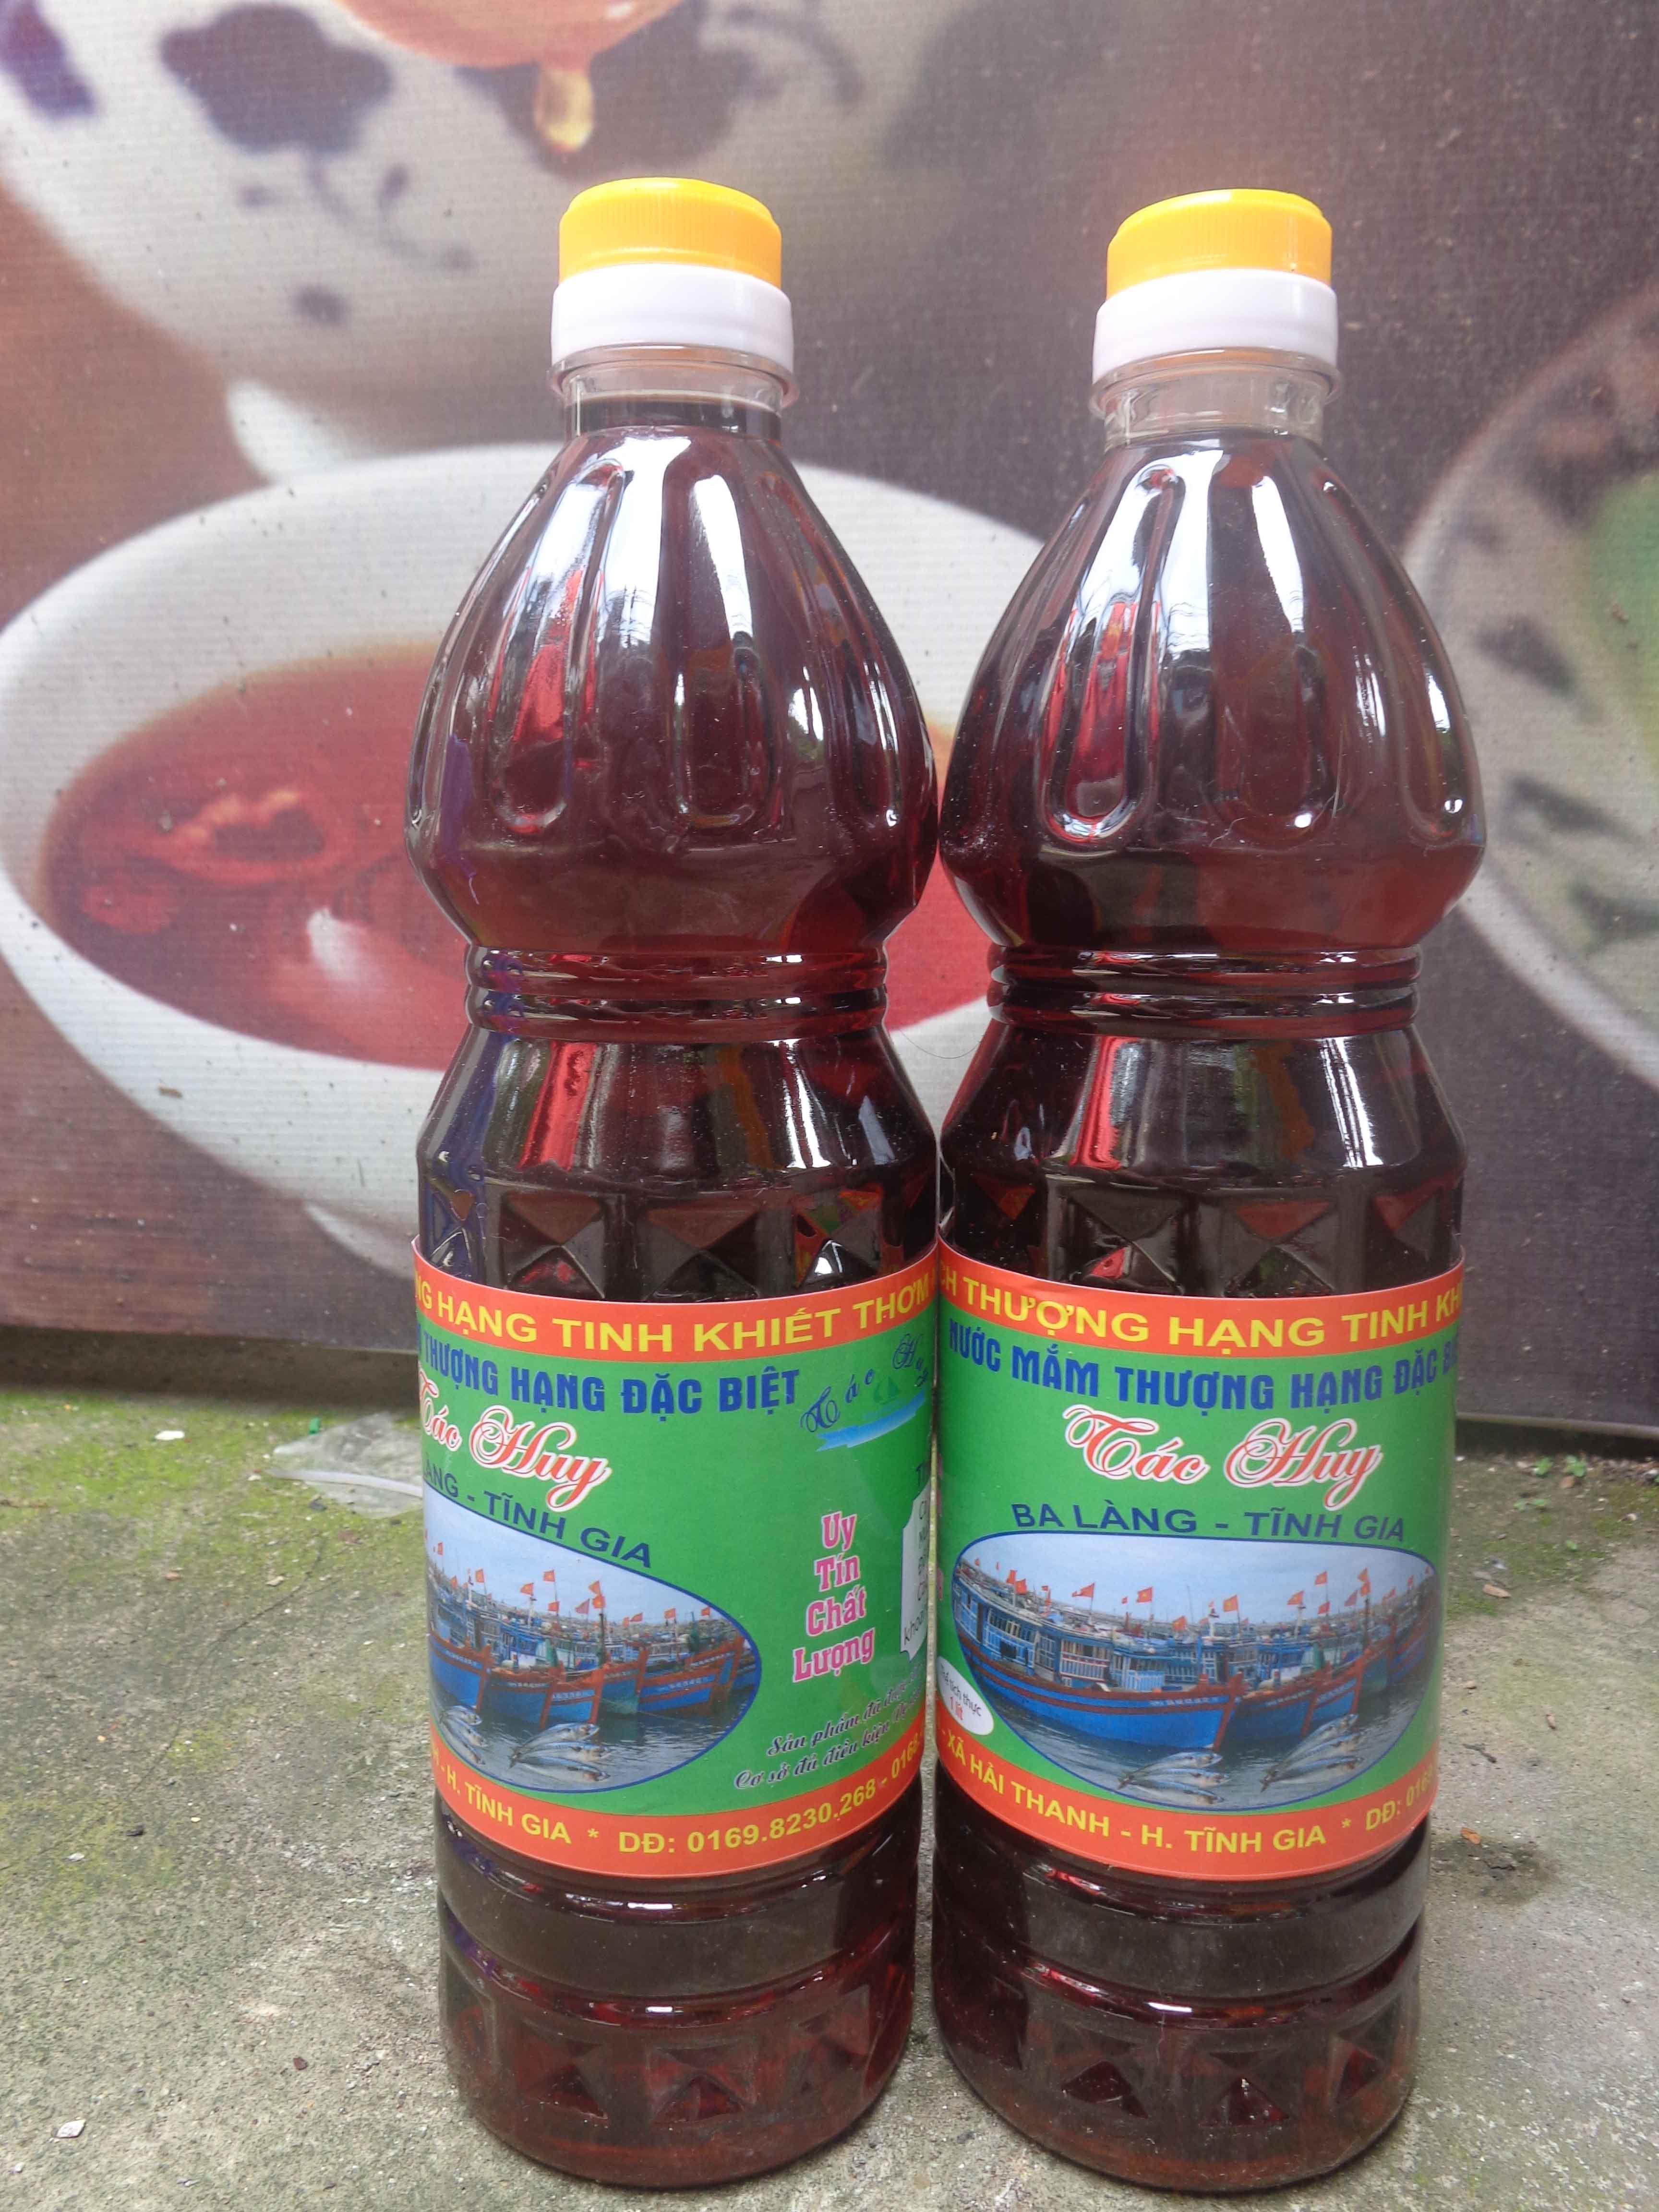 Nước mắm thượng hạng đặc sản Ba làng - Thanh Hóa (chai 1l)